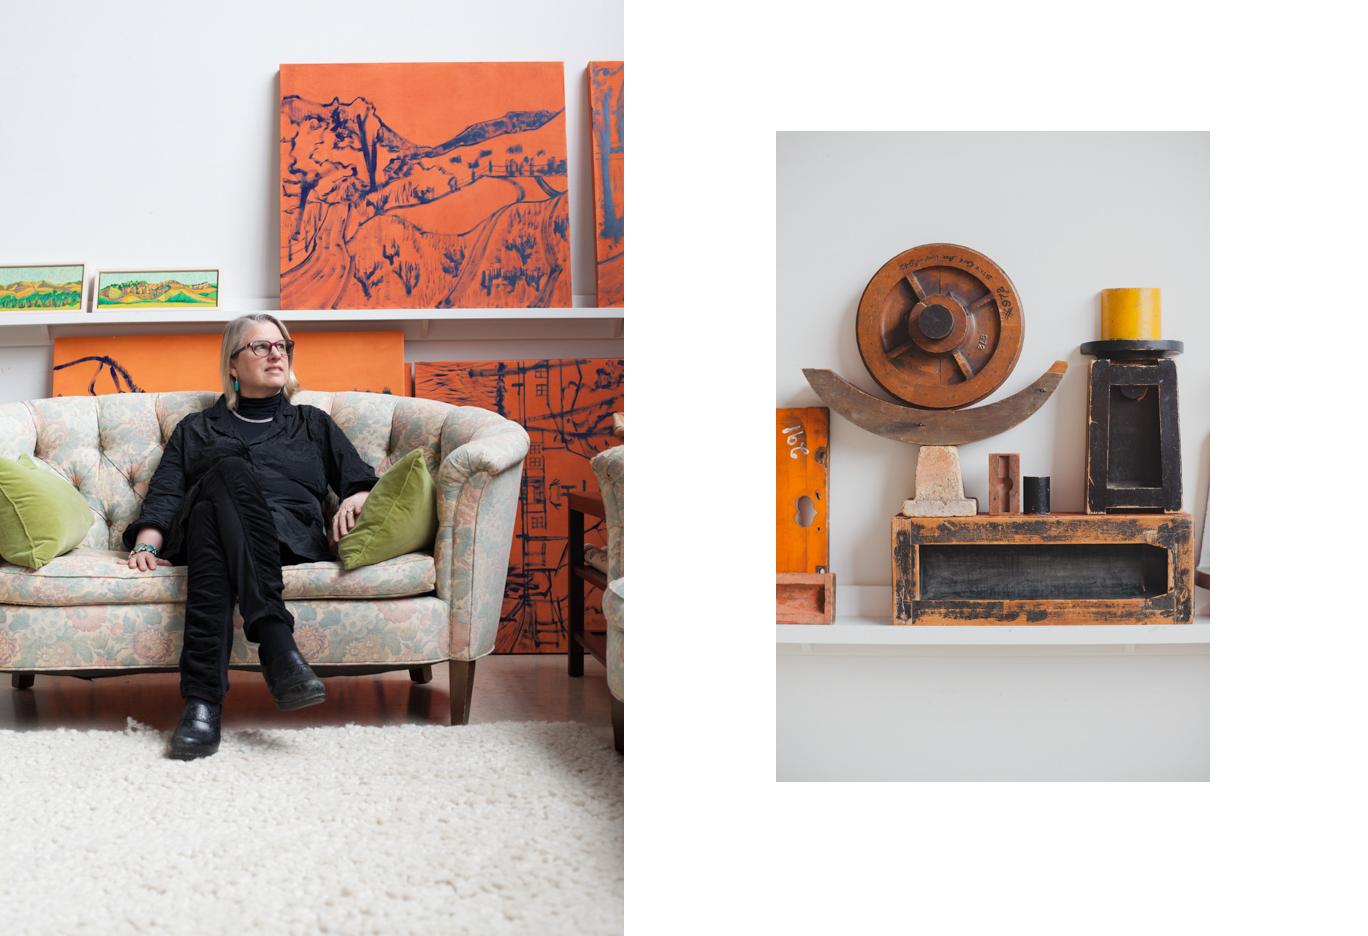 Katherine McKenna, Artist, for Prattfolio Magazine, Spring 2016